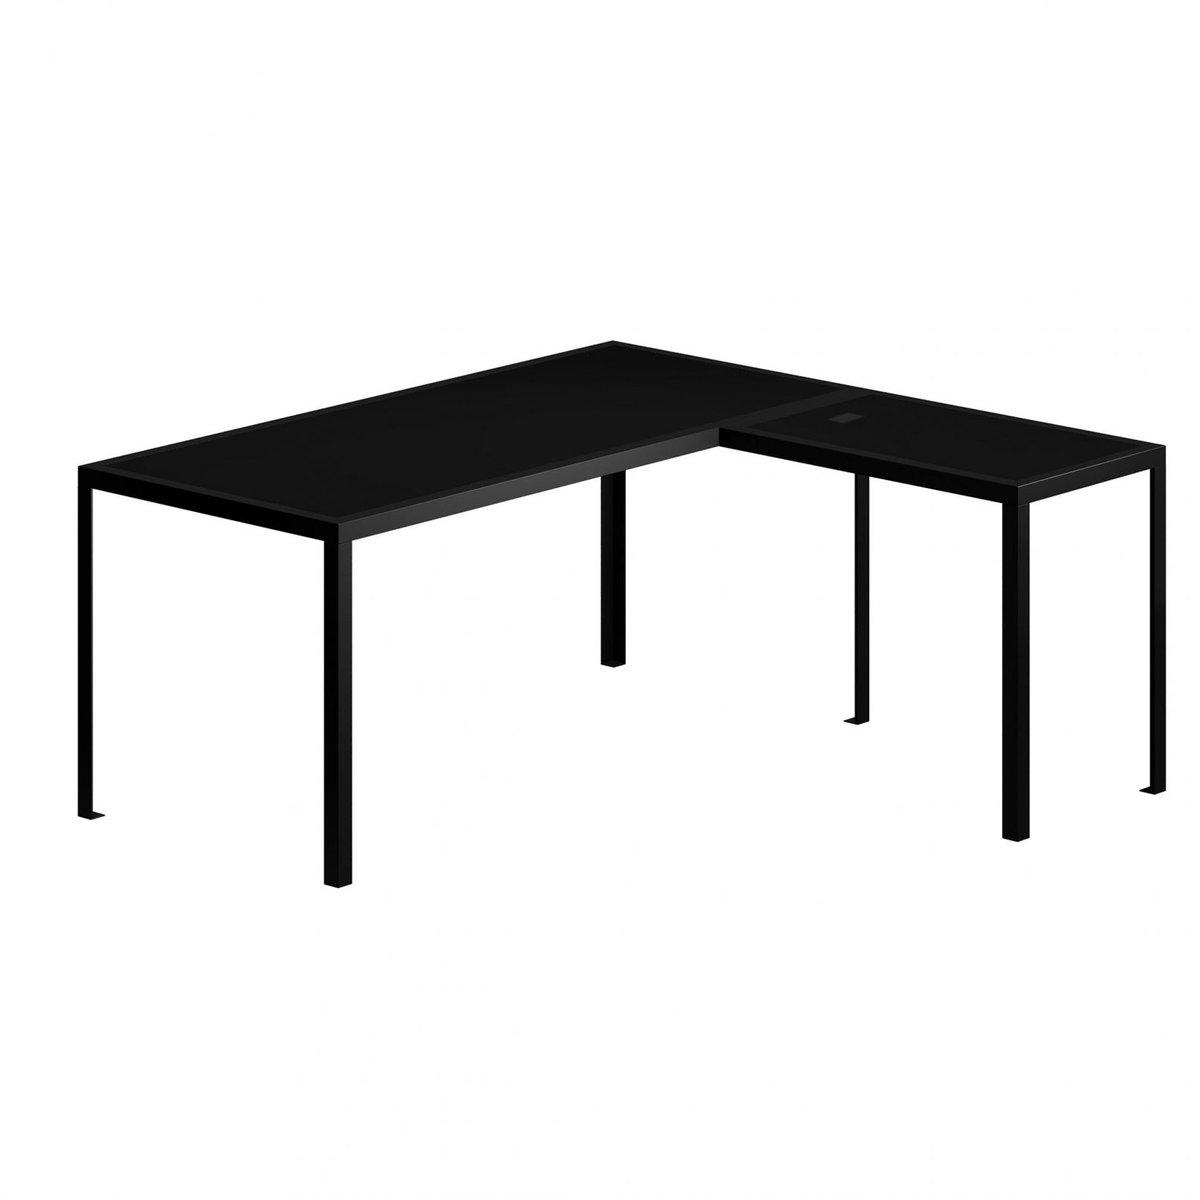 Besonders kleiner TAVOLO Tisch in Weiß von Maurizio Peregalli für Zeus